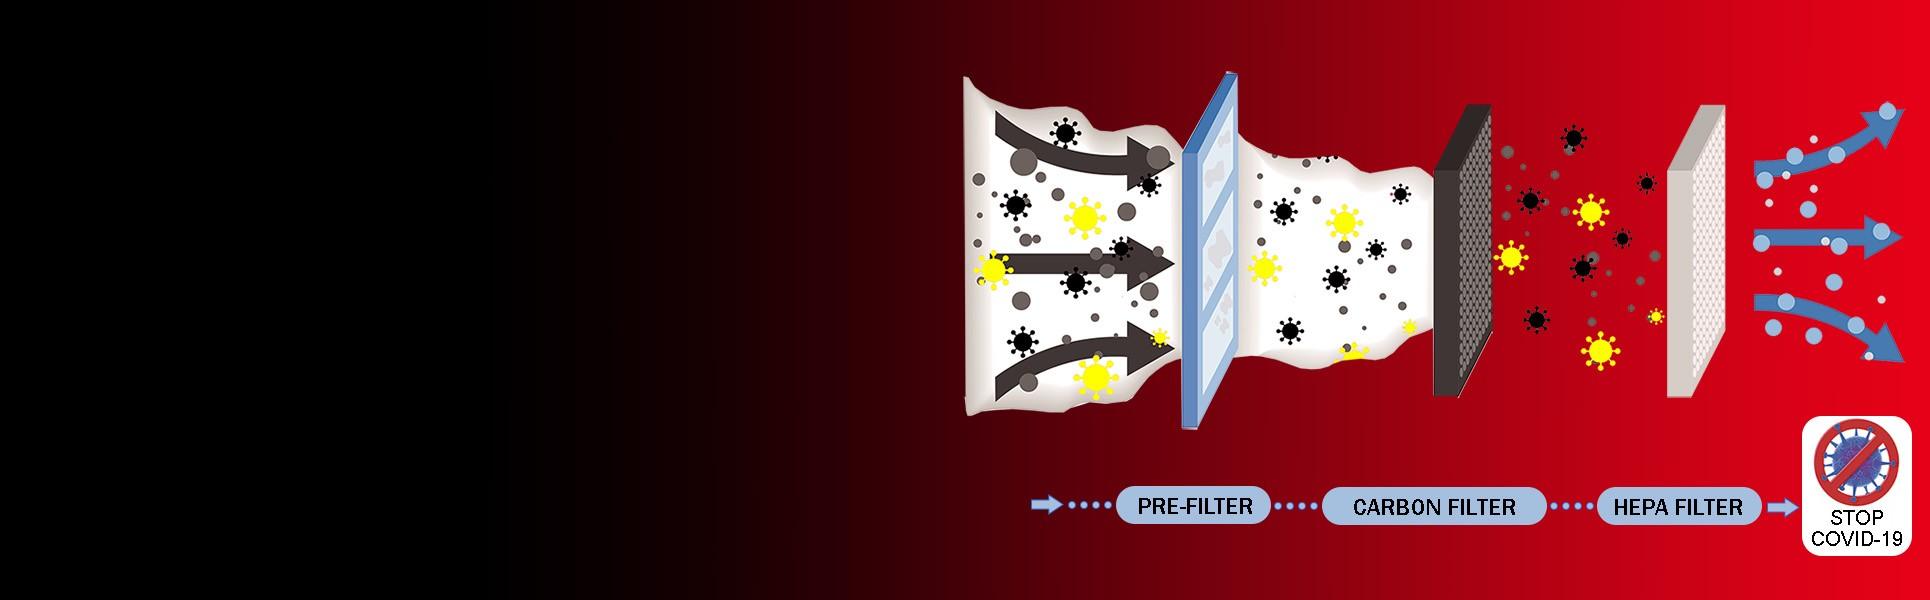 hepa filter media mediclinics